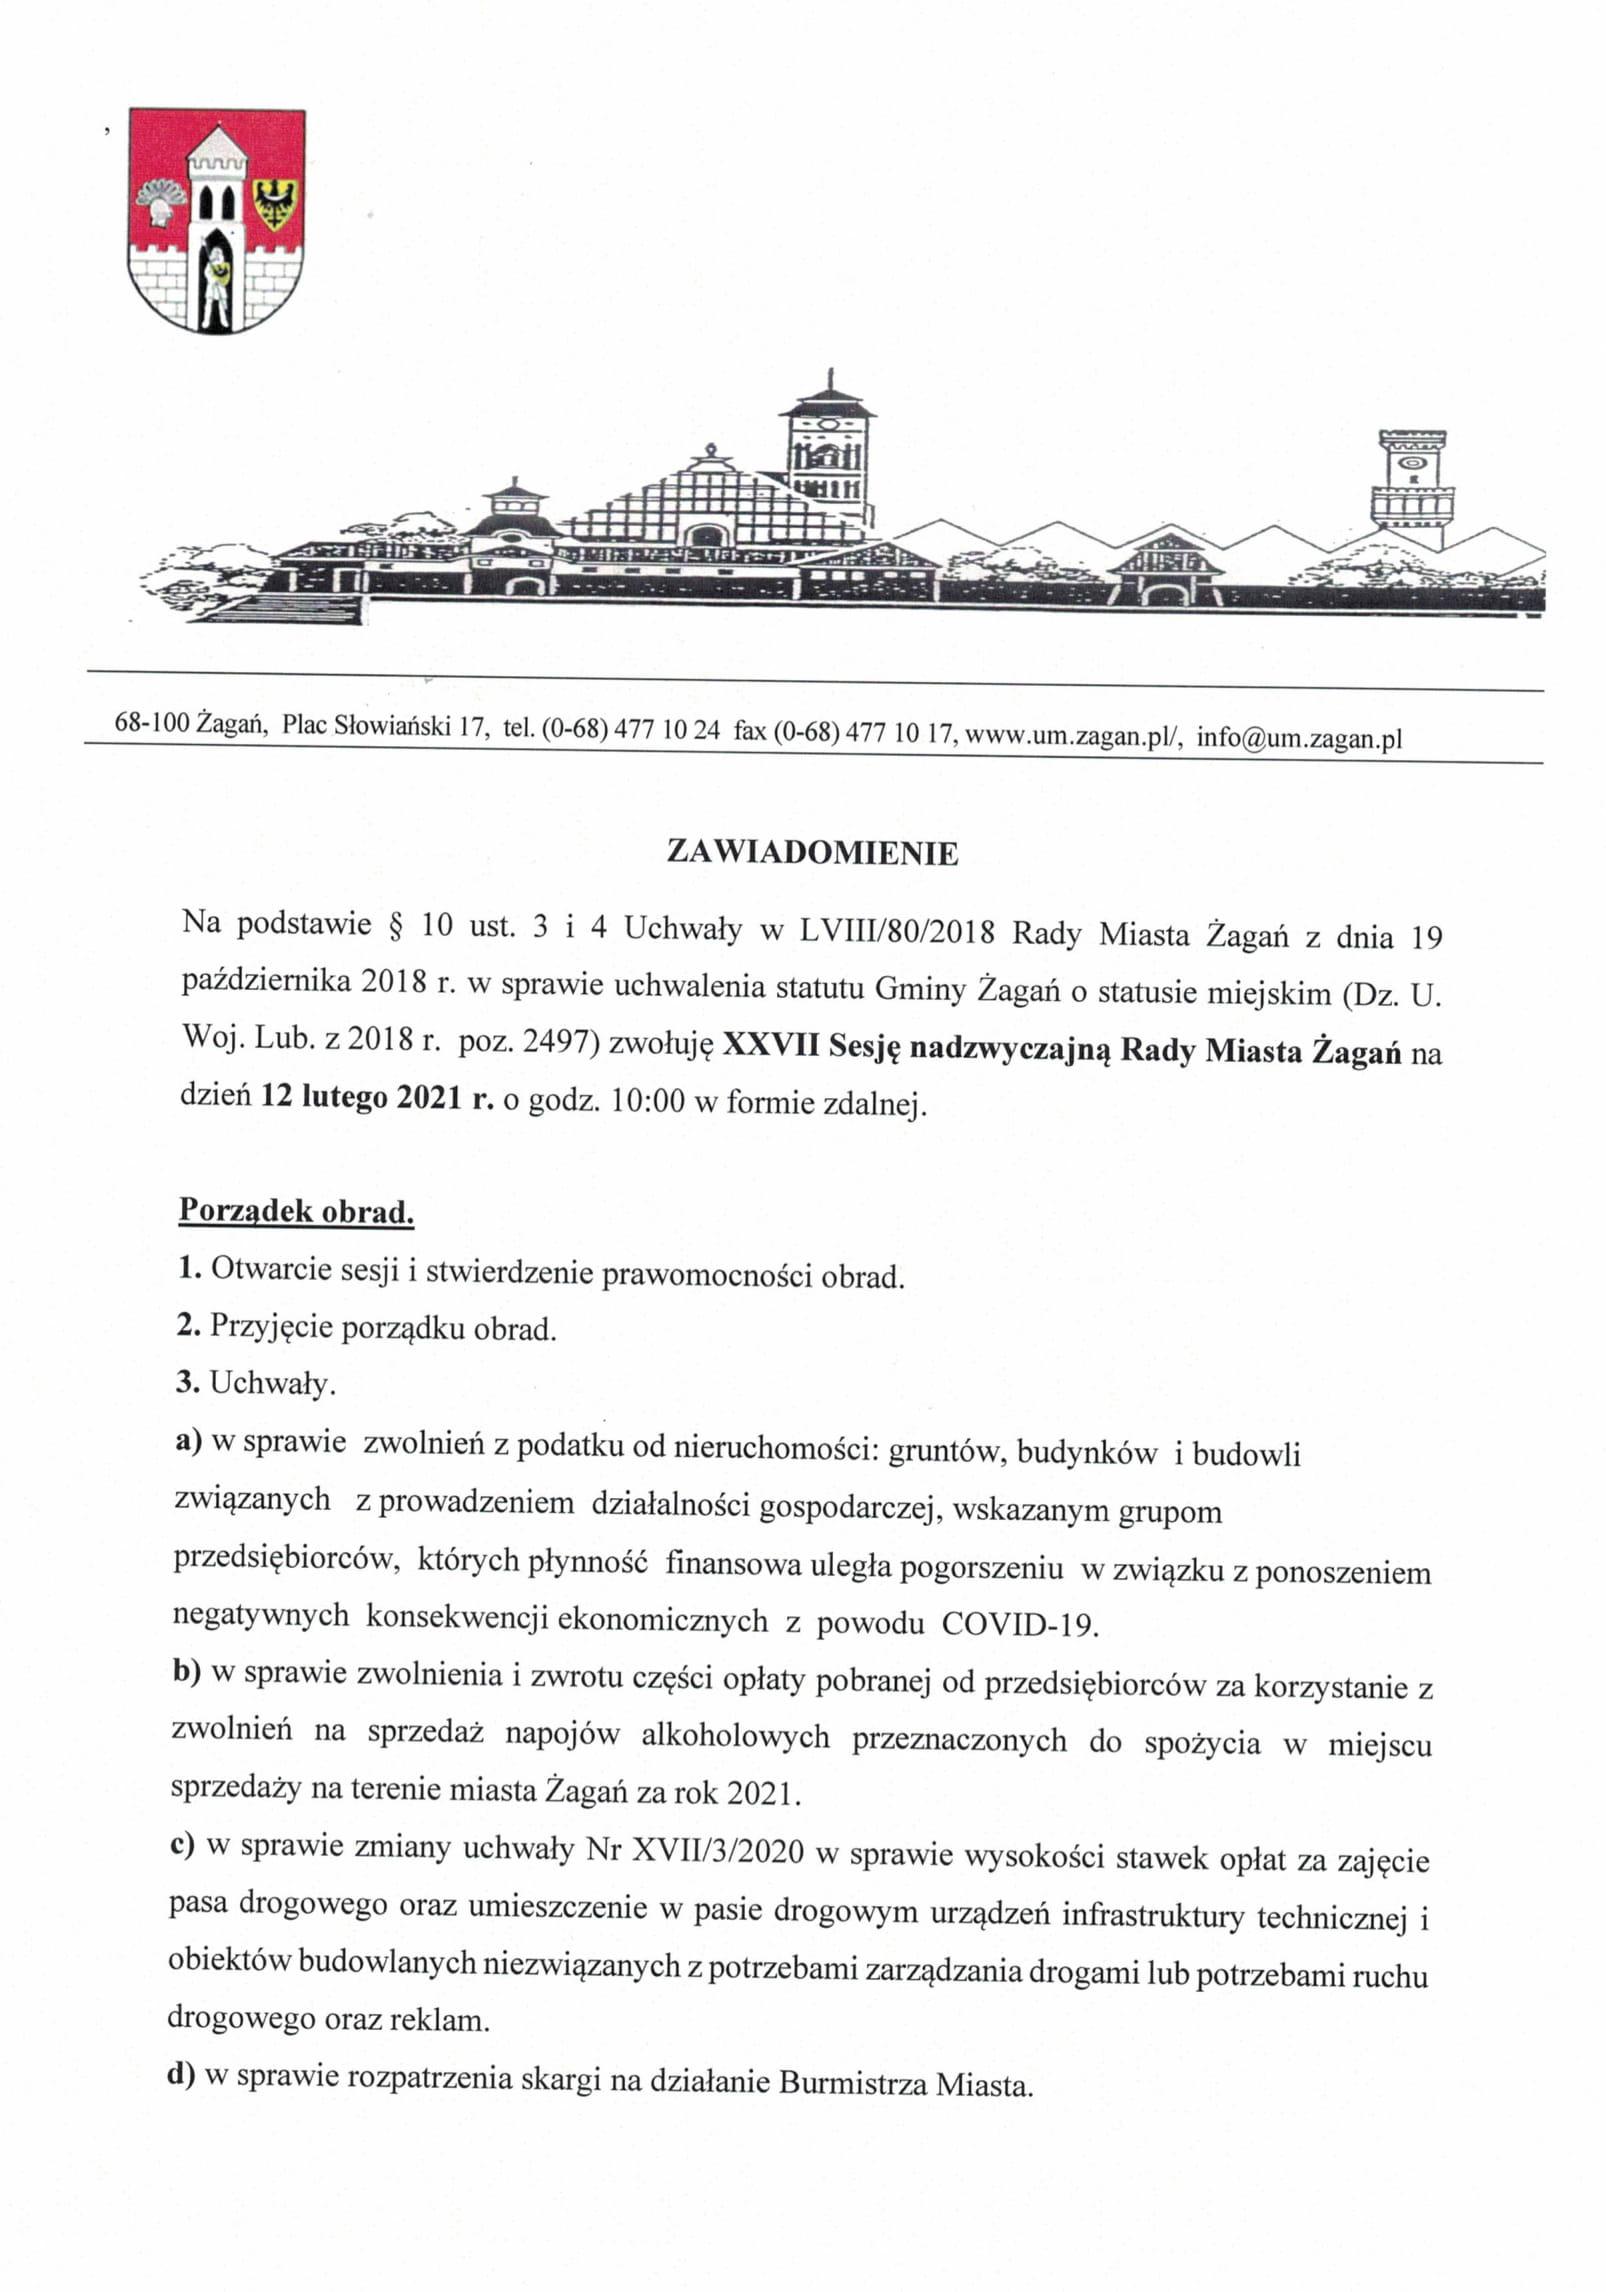 Porządek obrad nadzwyczajnej sesji Rady Miasta Żagań